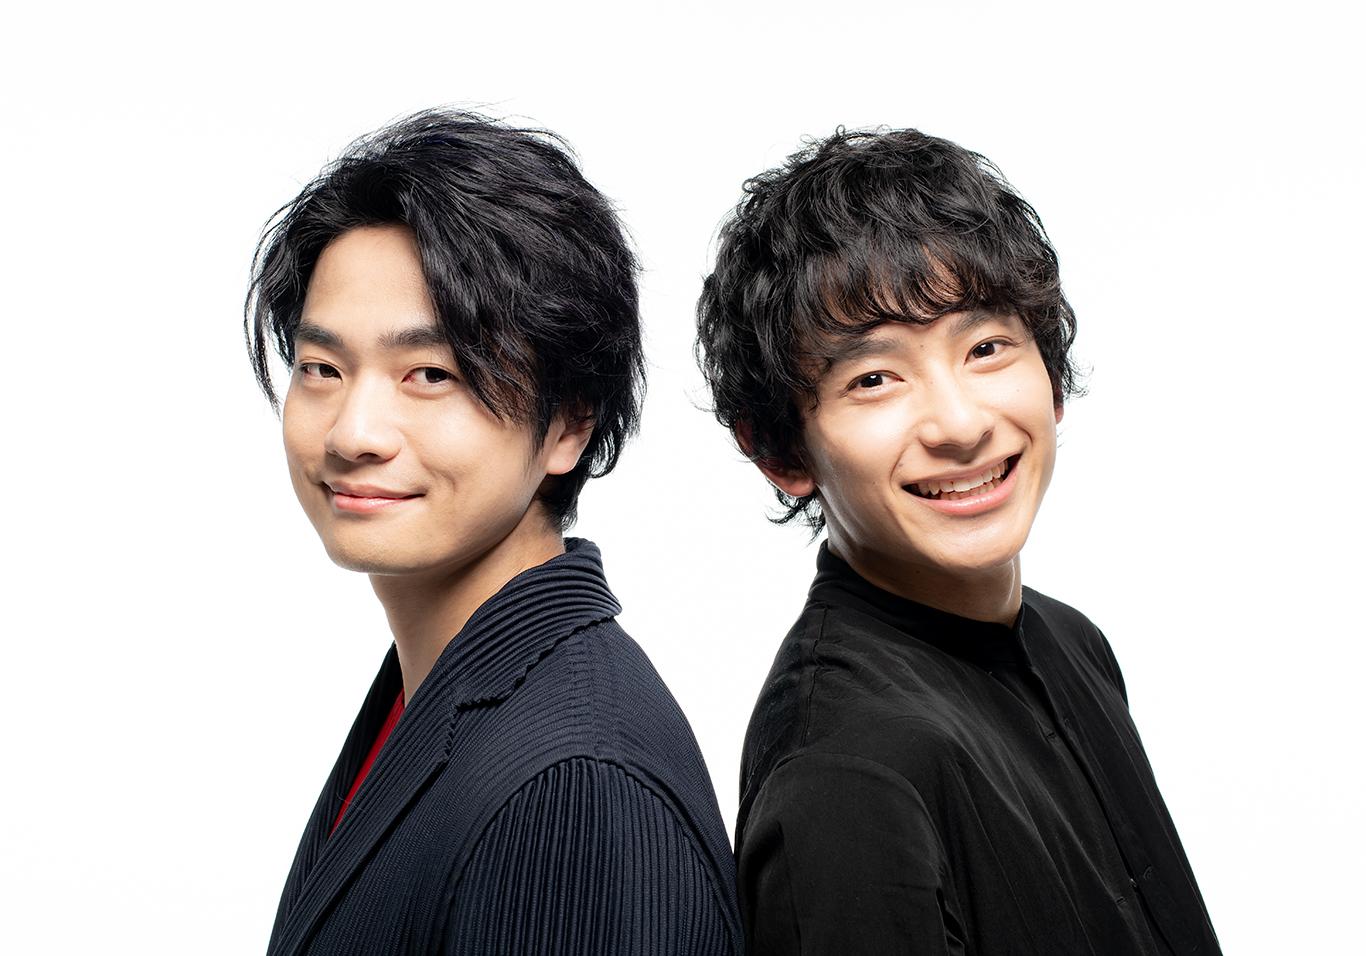 2.5次元舞台ブームの中で、声優・福山潤が俳優・橋本祥平に伝えた、ひとつの願い